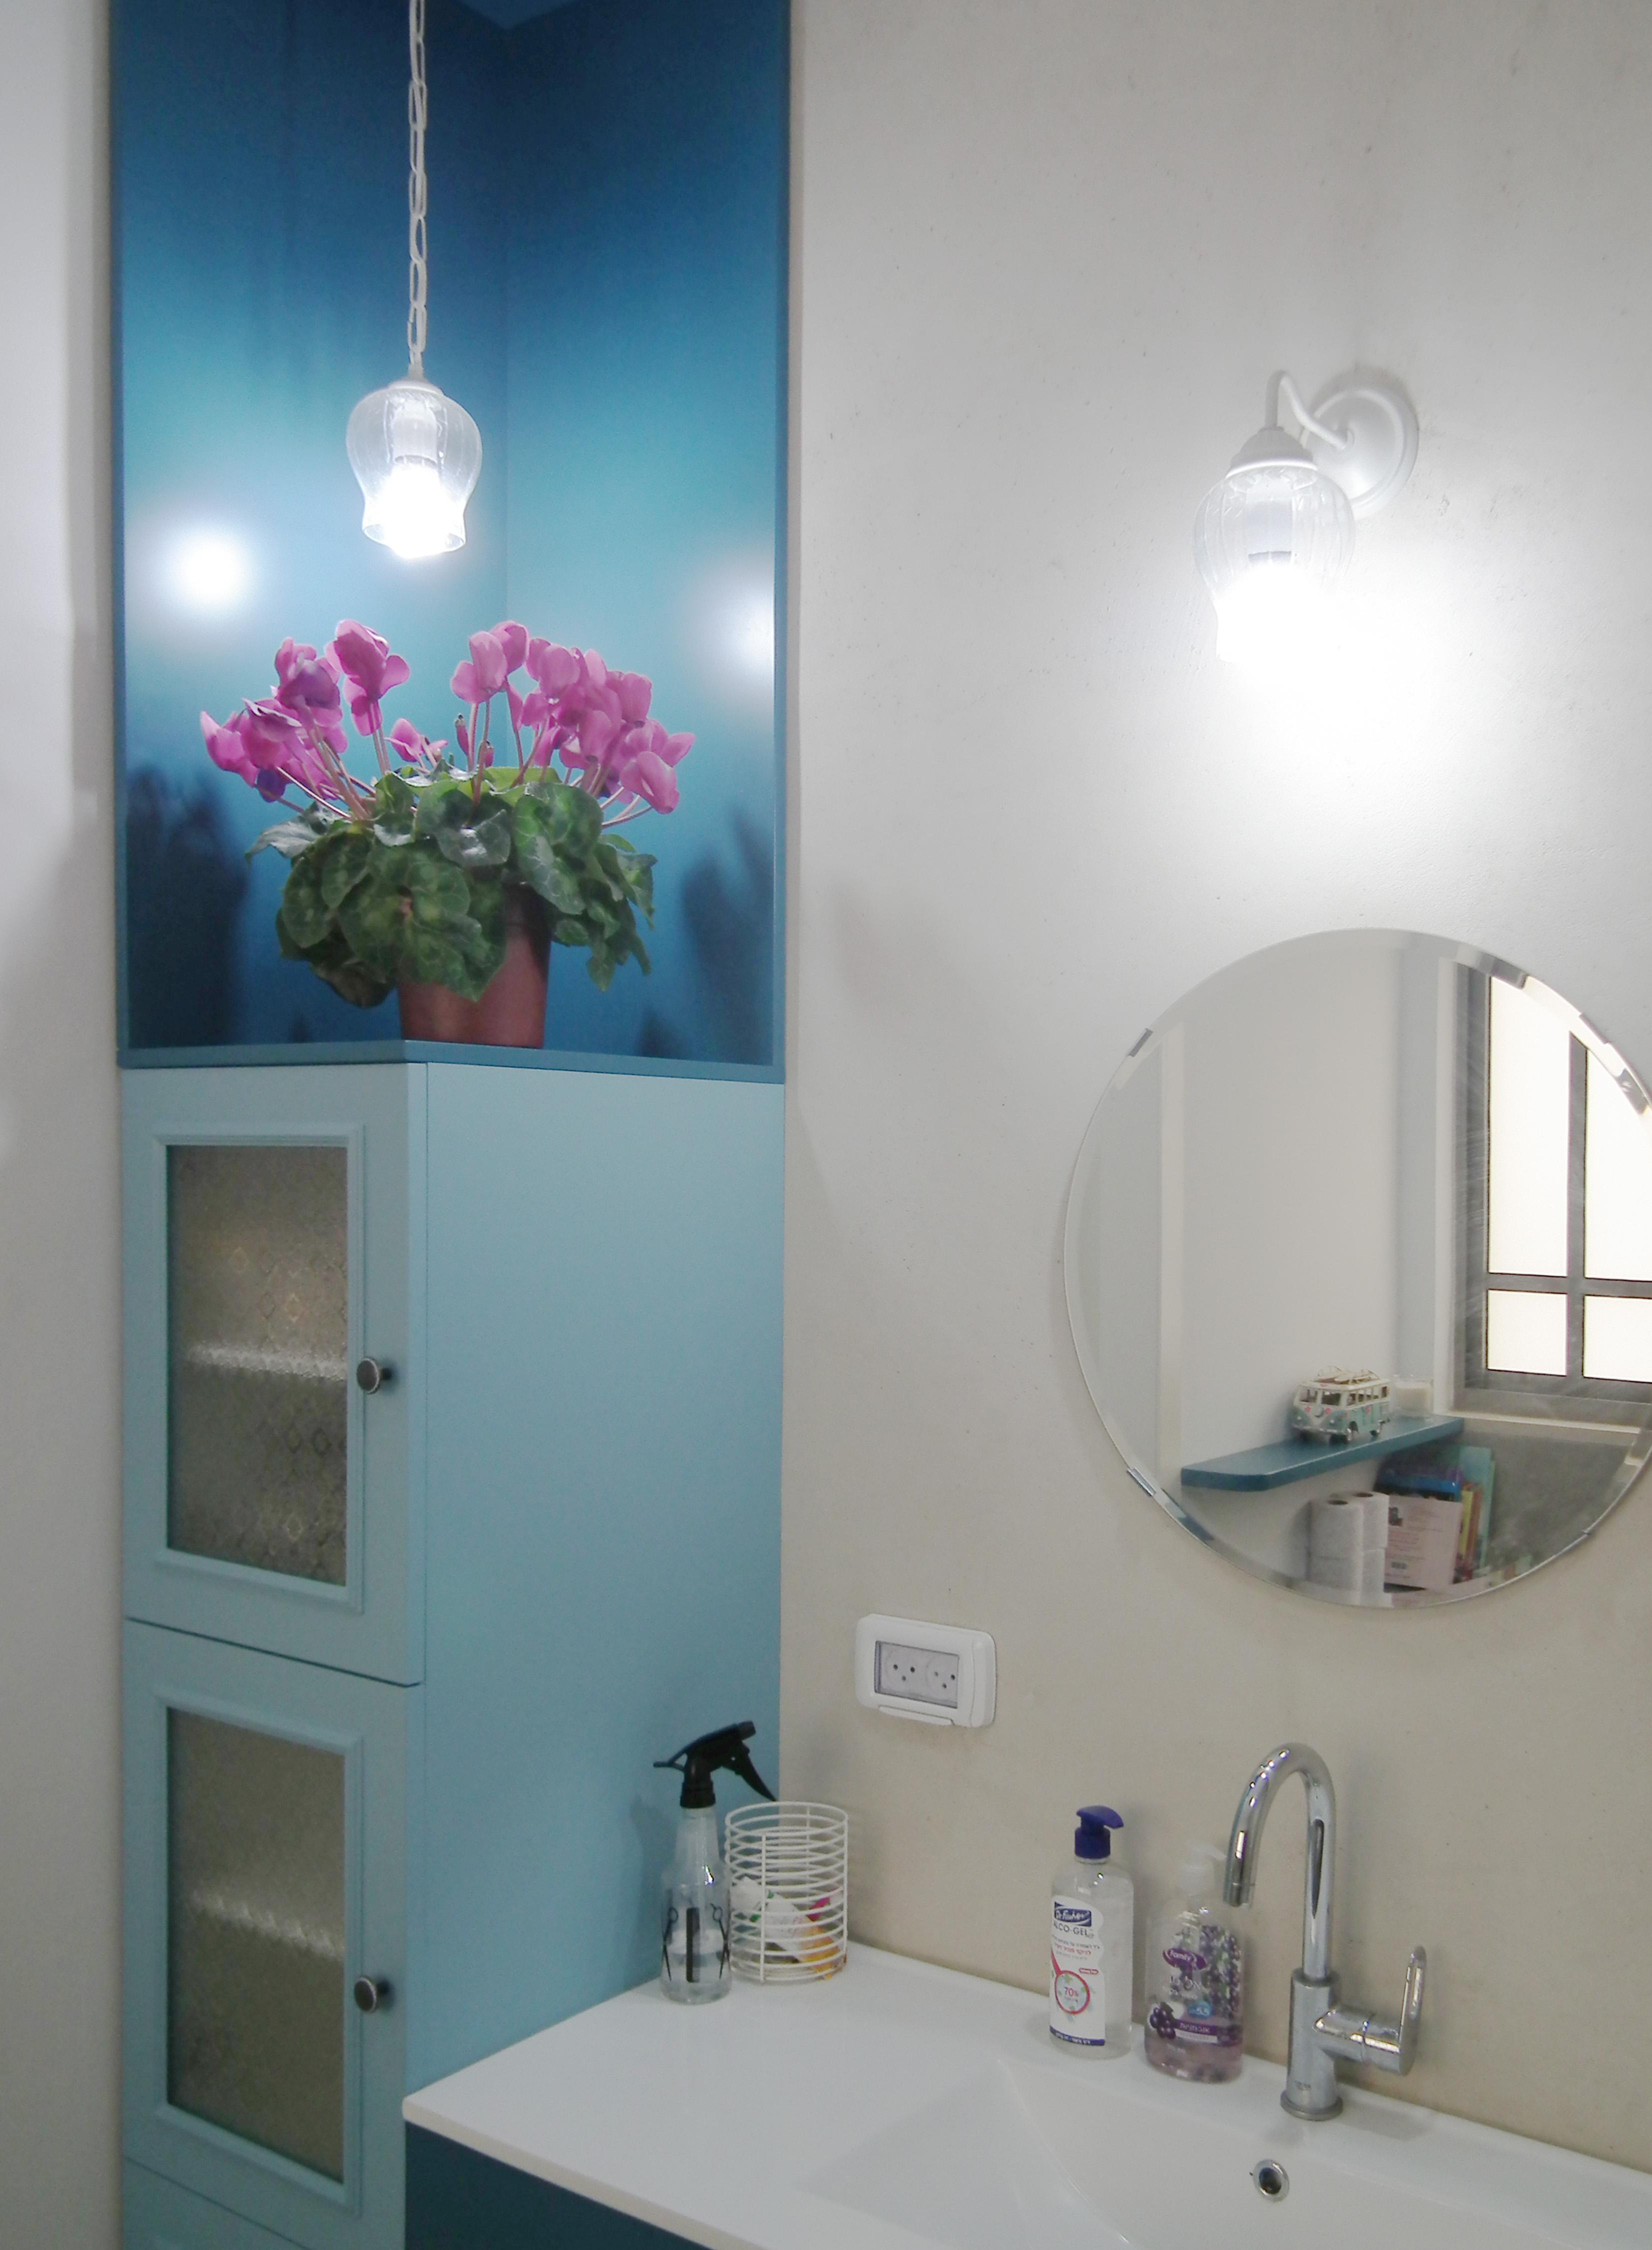 תאורה במקלחת